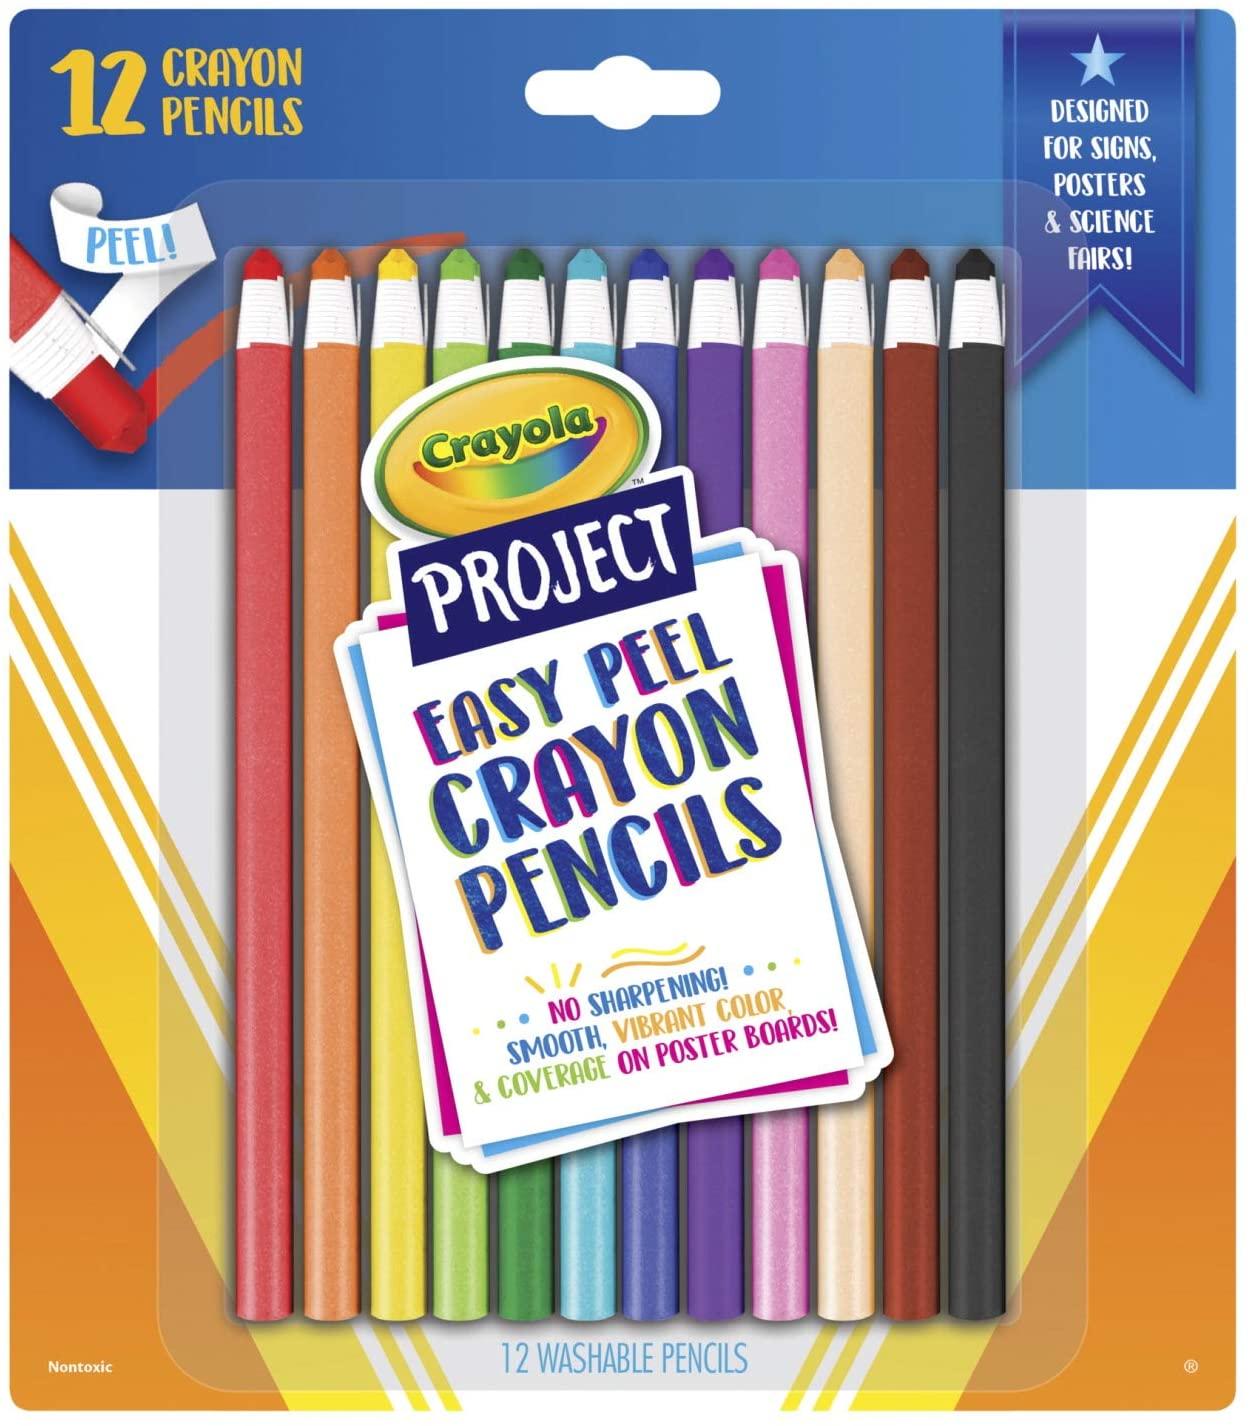 Crayola Crayon Pencils, Easy Peel, Assorted Colors, Coloring Supplies, 12 Count, Multi